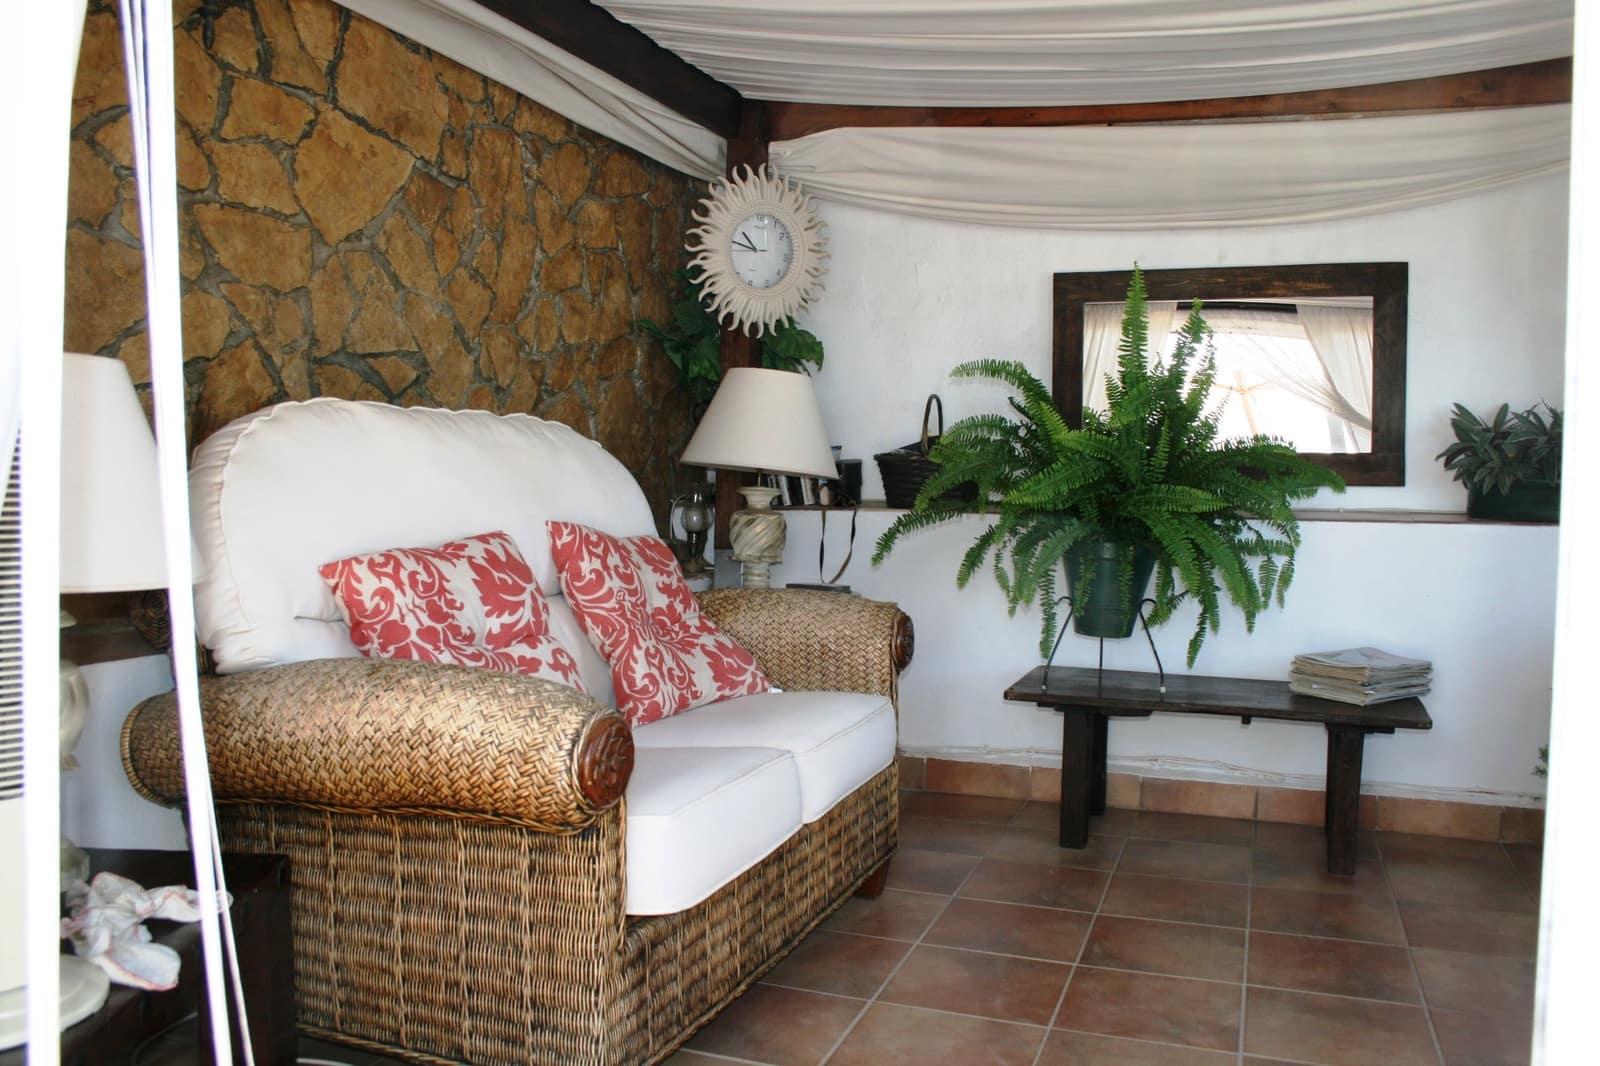 2 bedroom Villa for sale in Cuevas del Campo - € 85,250 (Ref: 5716950)